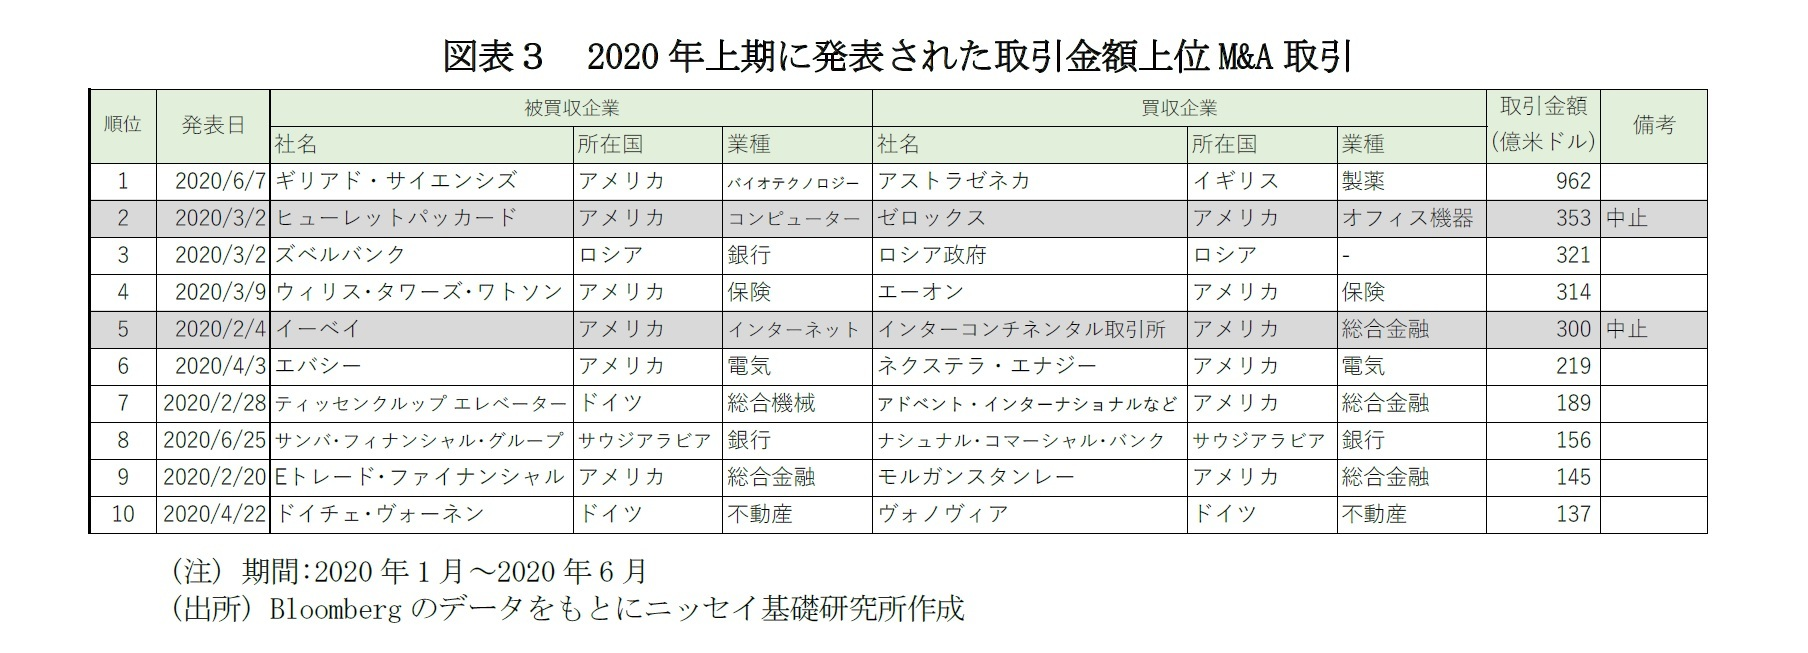 図表3 2020年上期に発表された取引金額上位M&A取引